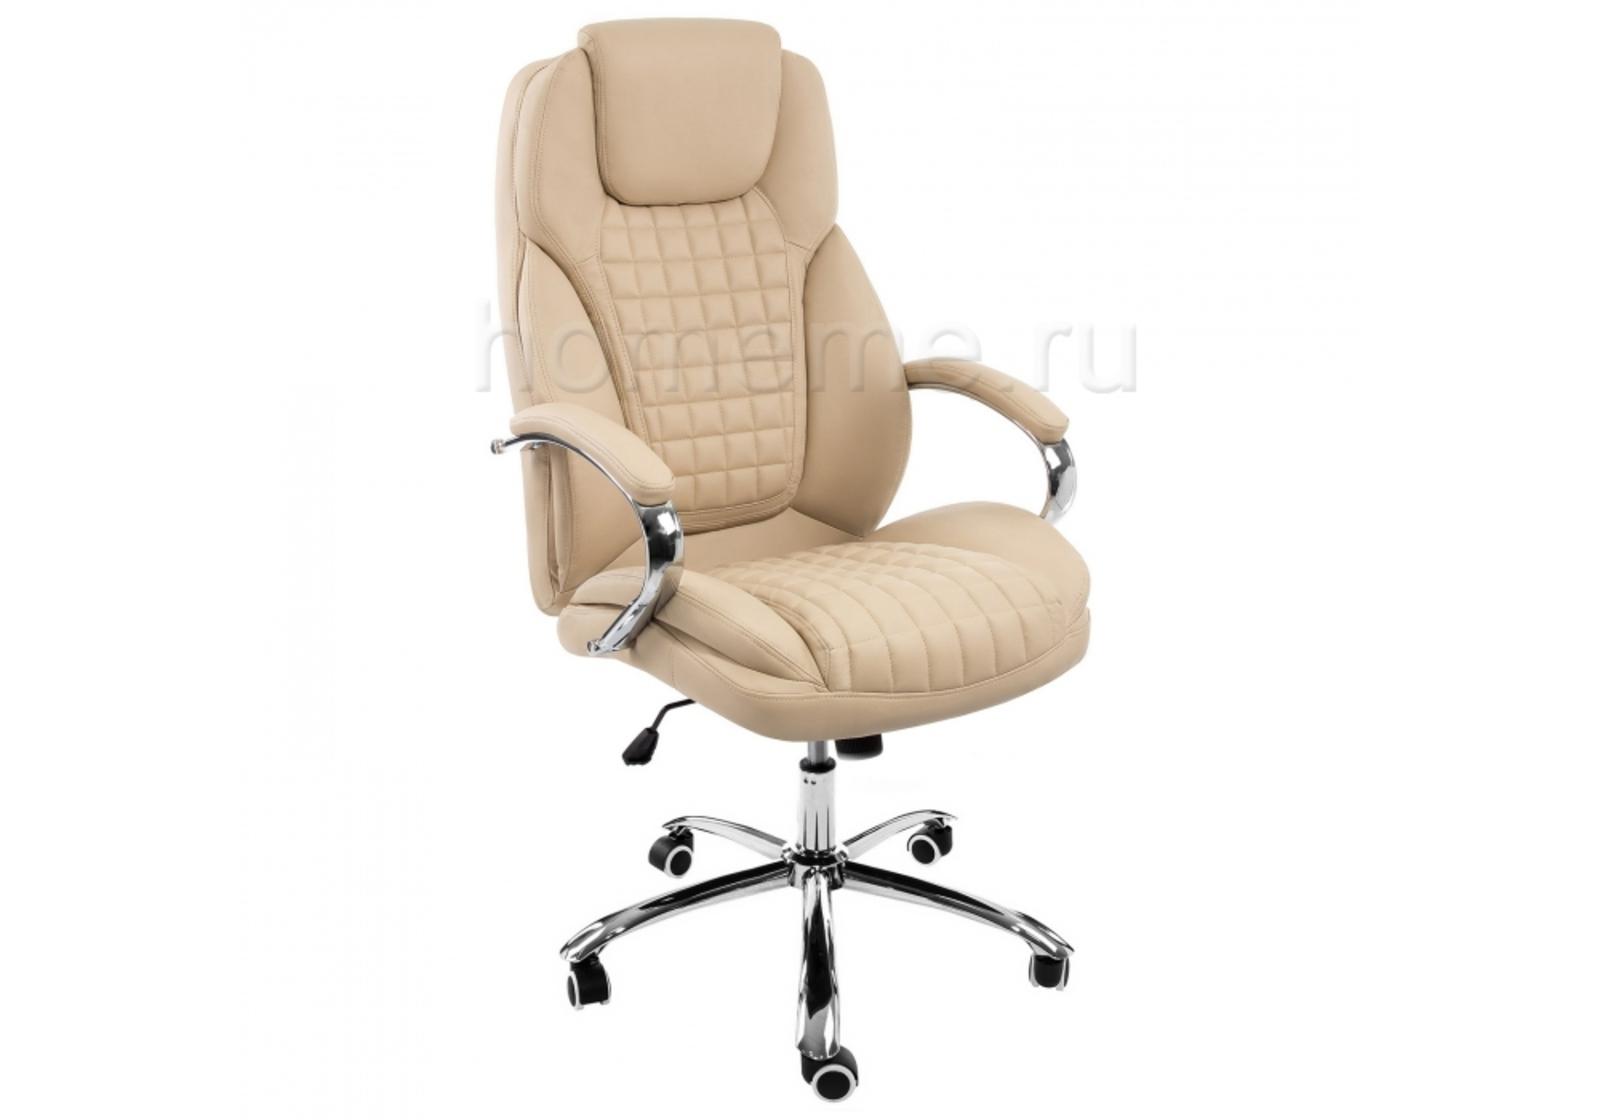 Кресло для офиса HomeMe Herd темно-бежевое 1867 от Homeme.ru